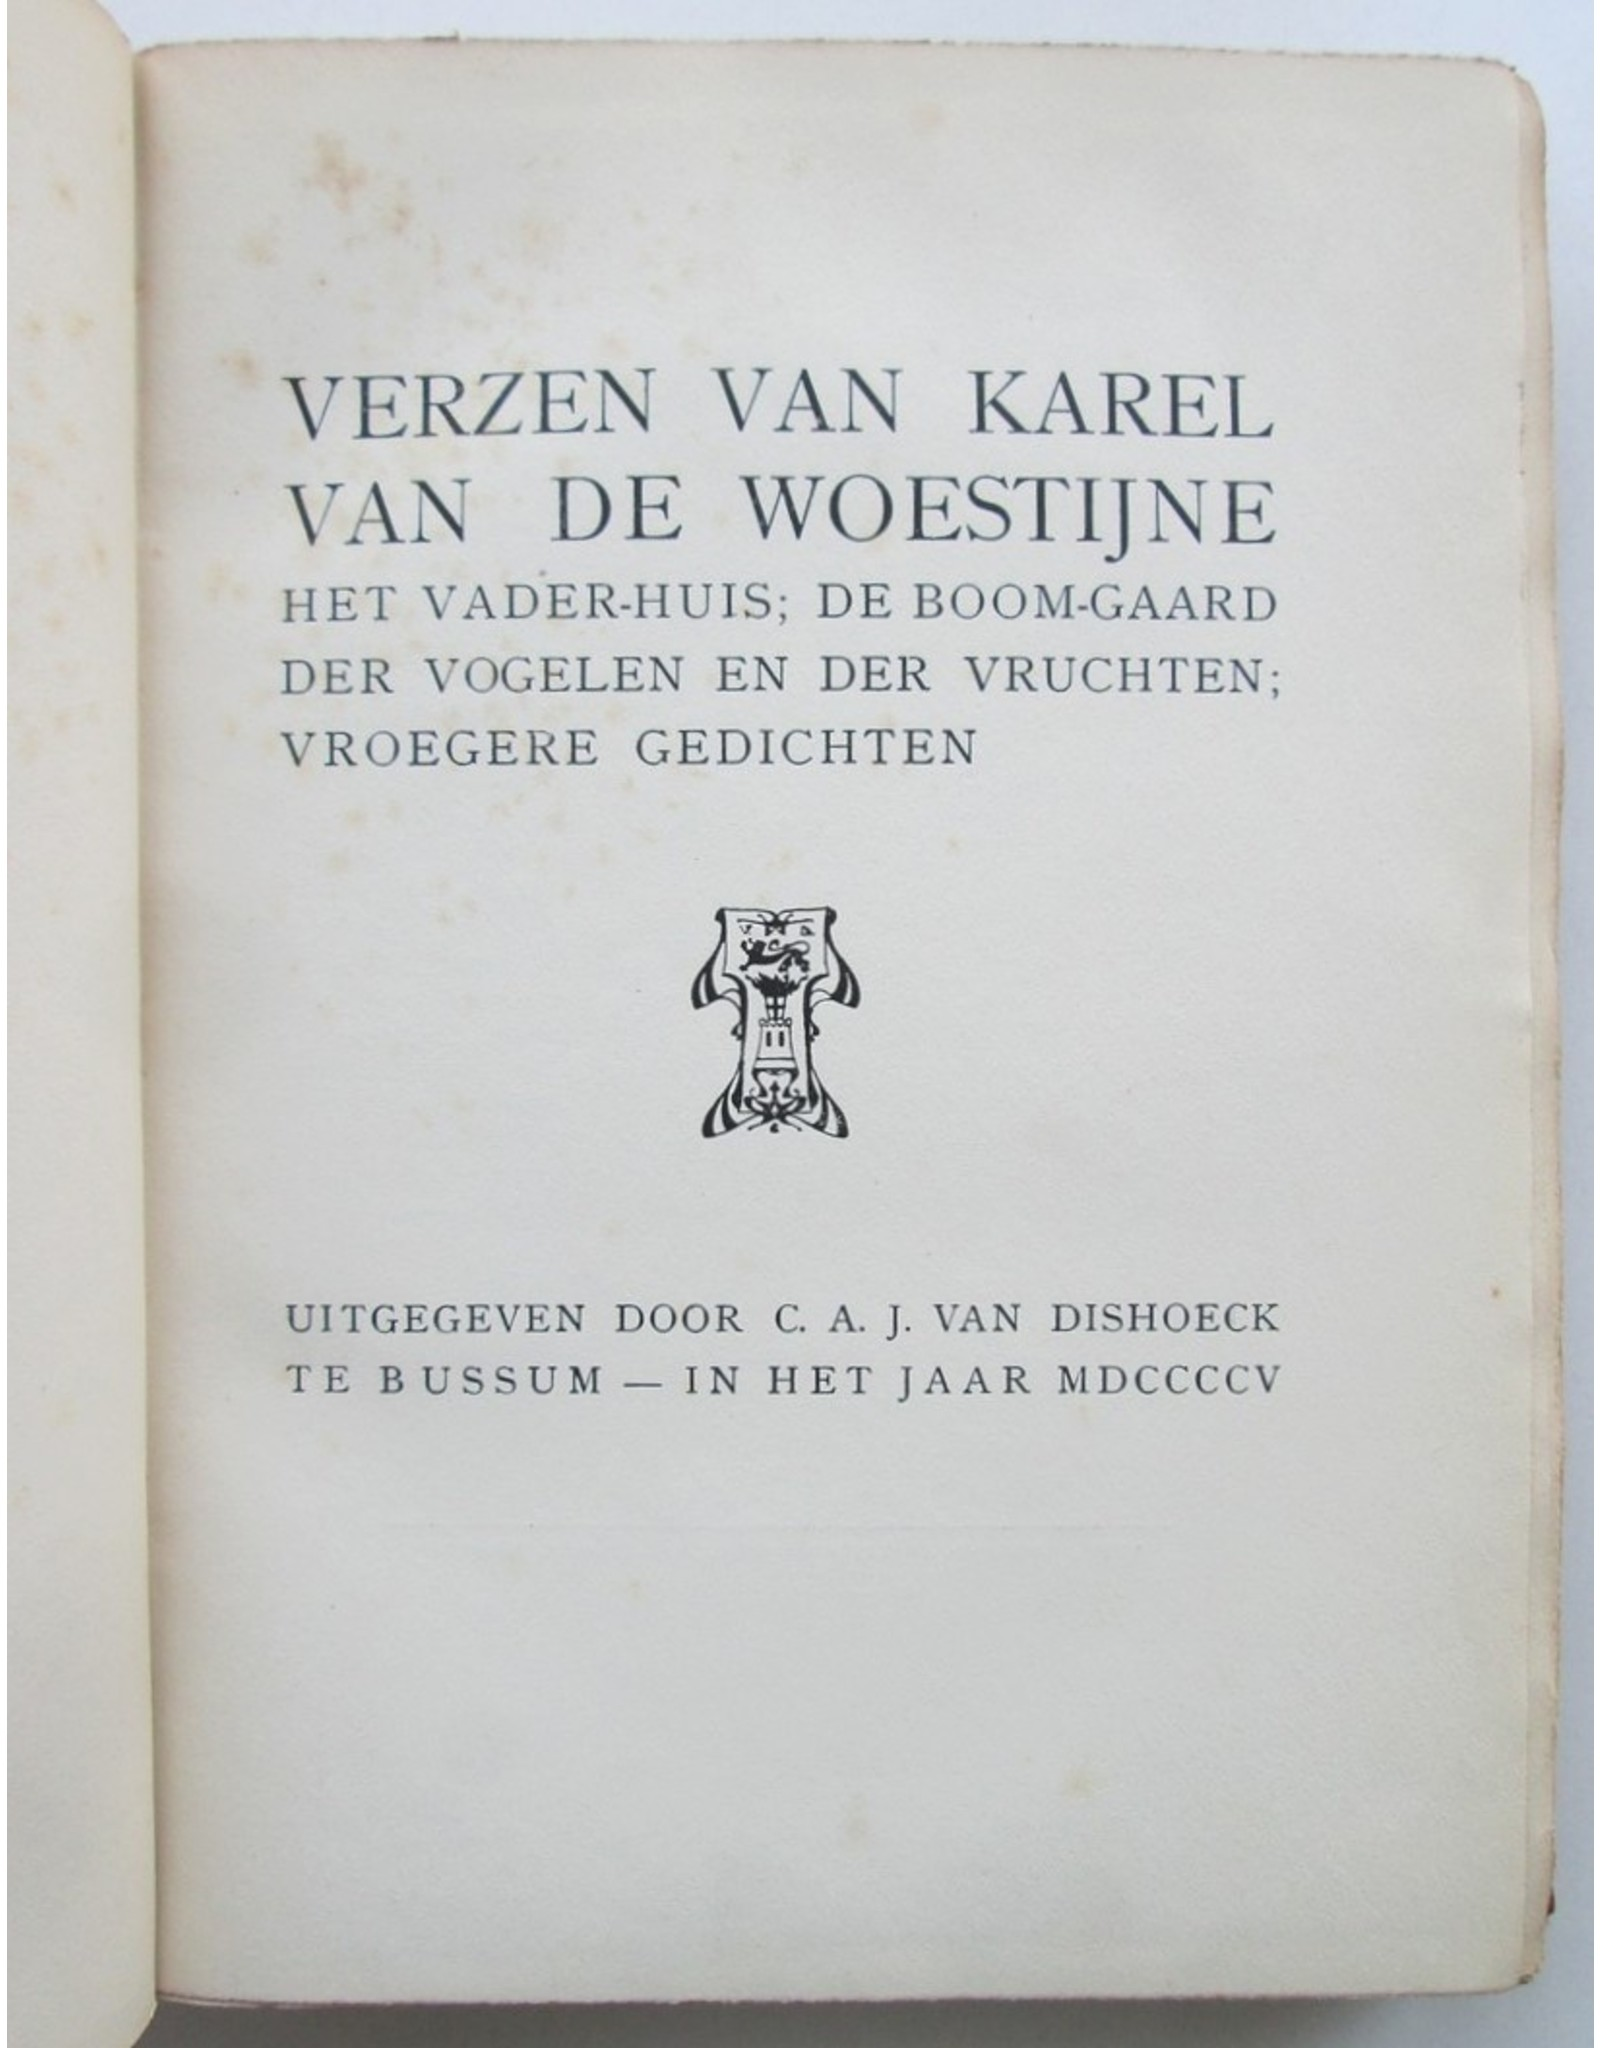 Karel van de Woestijne - Verzen van Karel van de Woestijne: Het Vader-huis; De Boom-gaard der Vogelen en der Vruchten; Vroegere gedichten